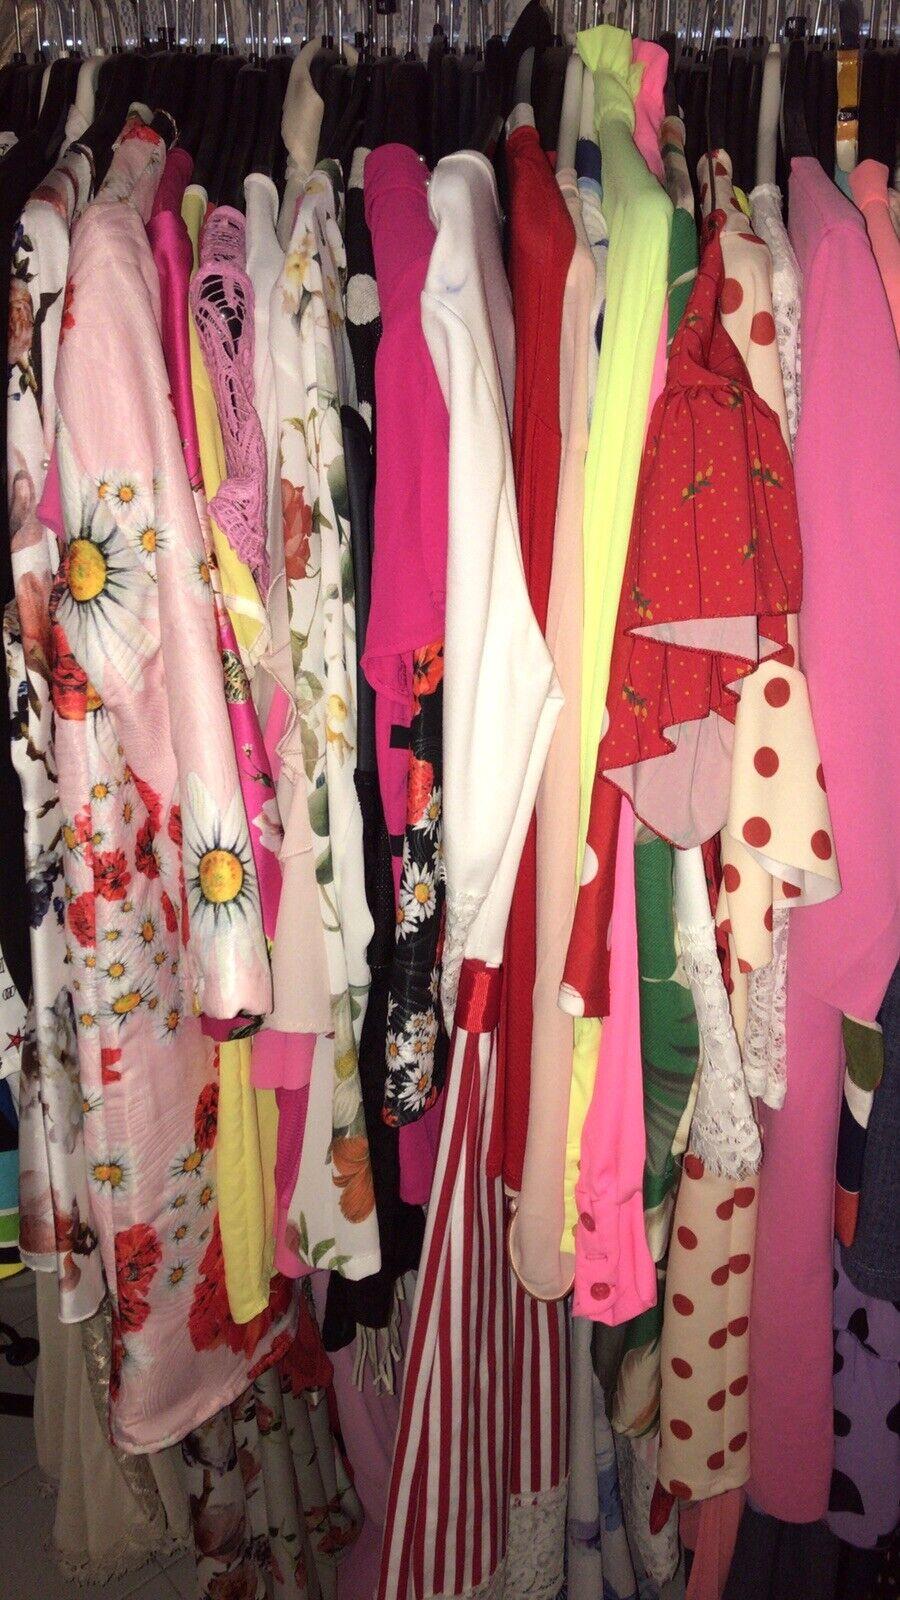 Stock abbigliamento firmato Abbigliamento donna a Pescara